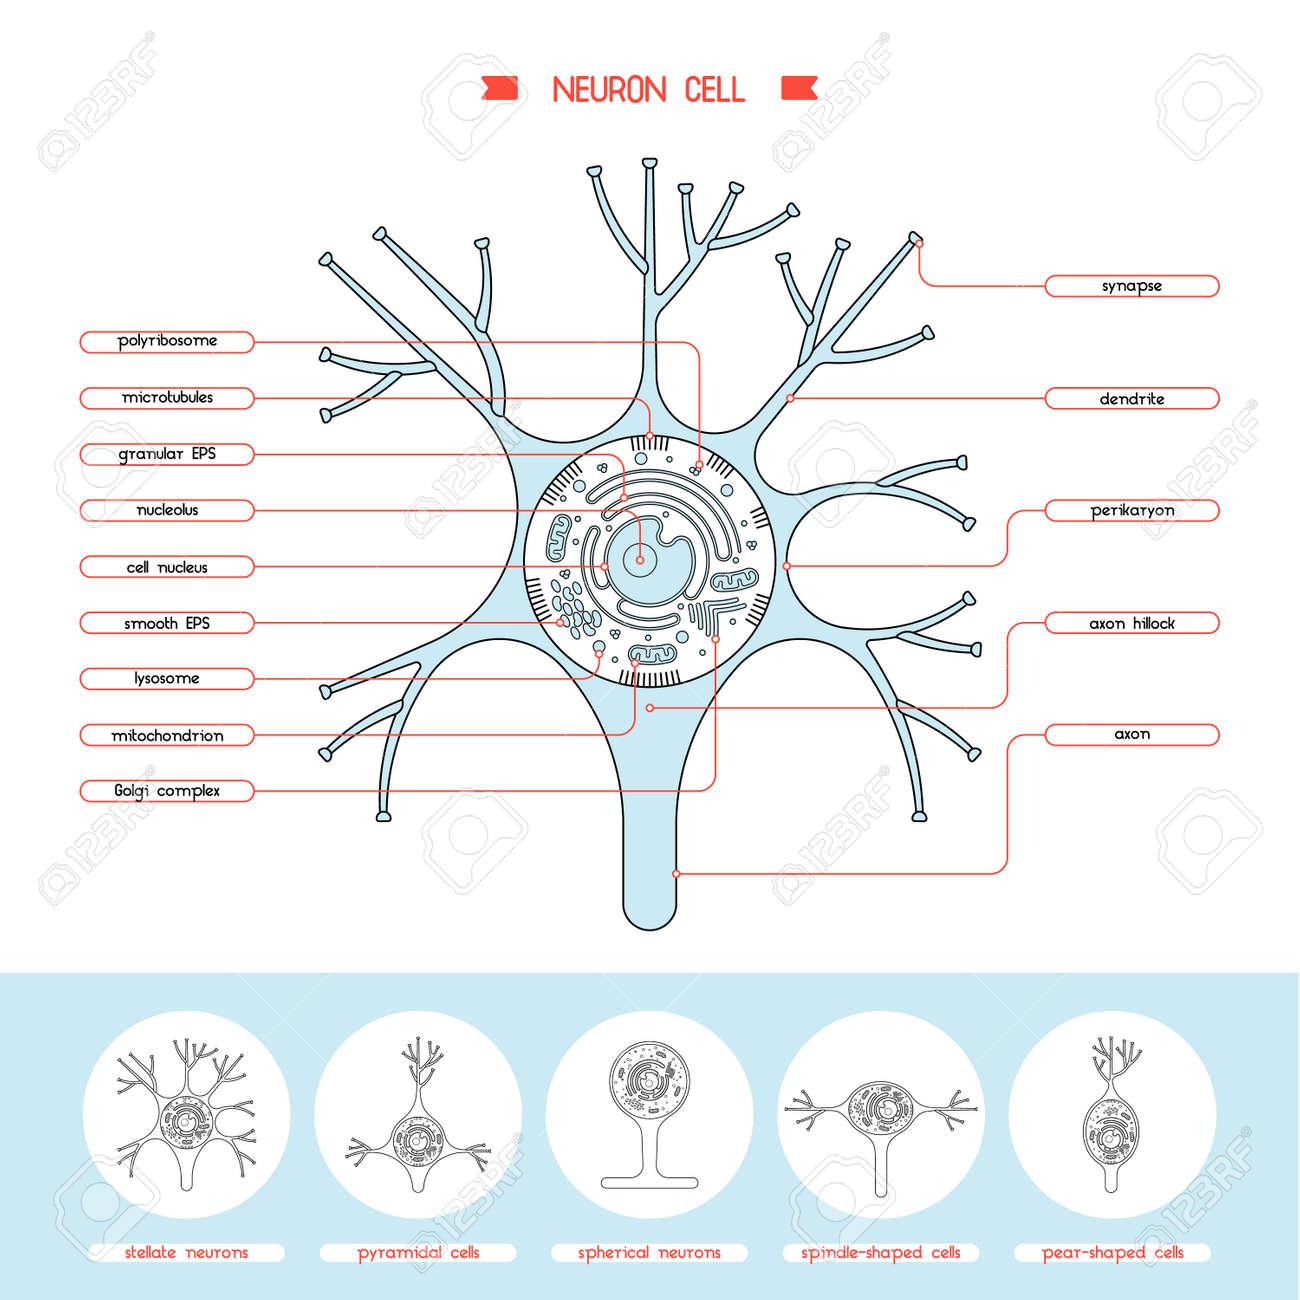 Neurona Aislados Diagrama De La Biología Celular. Ilustración De La ...